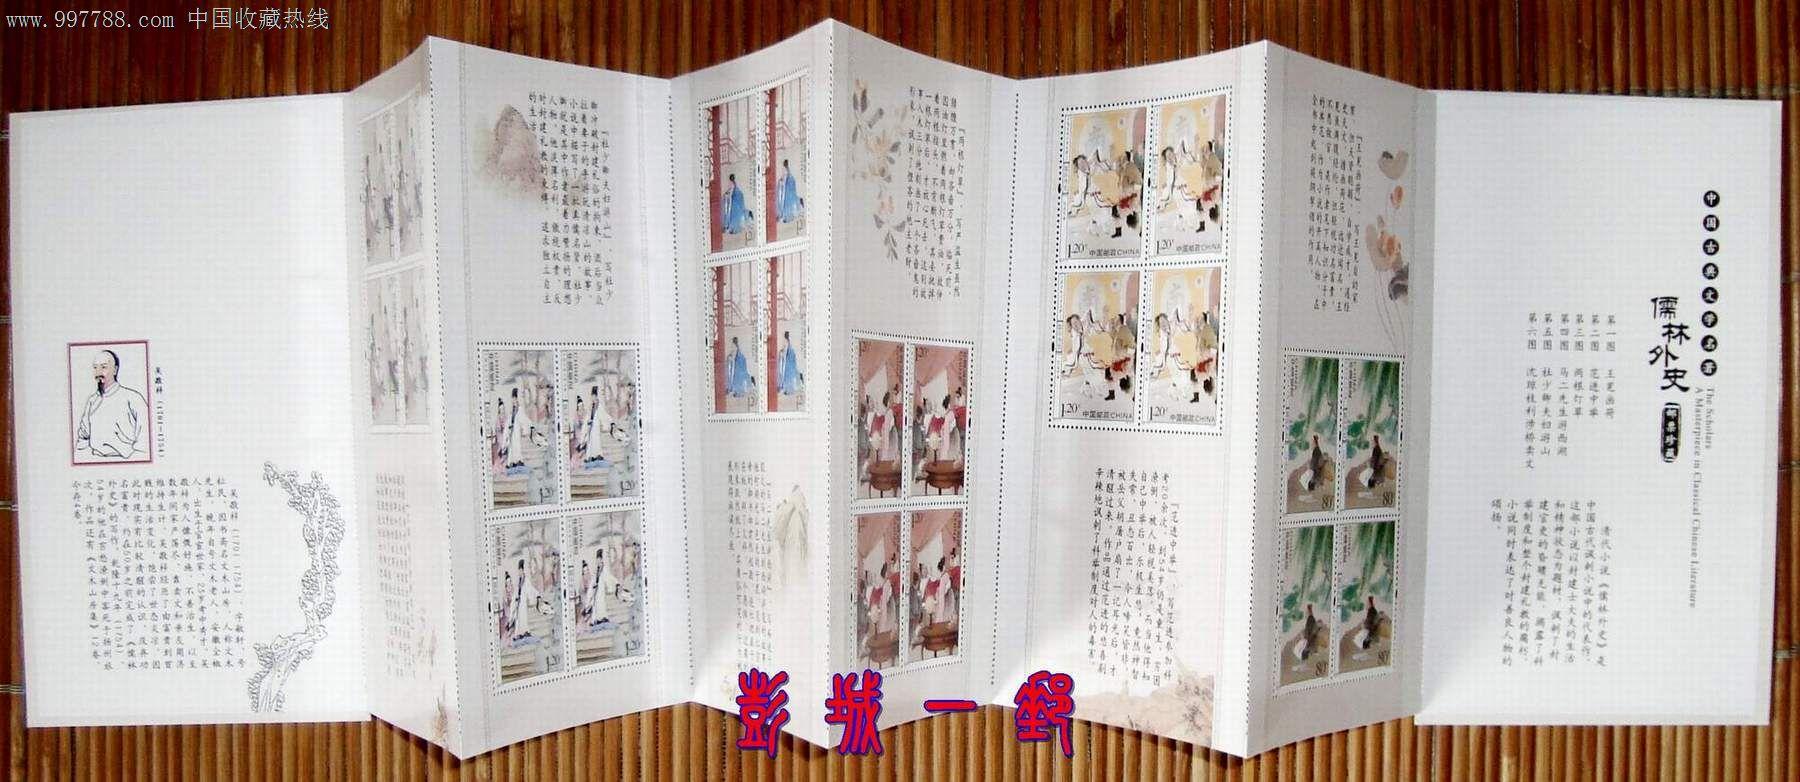 《儒林外史》缩量特殊四方连风琴折!图片